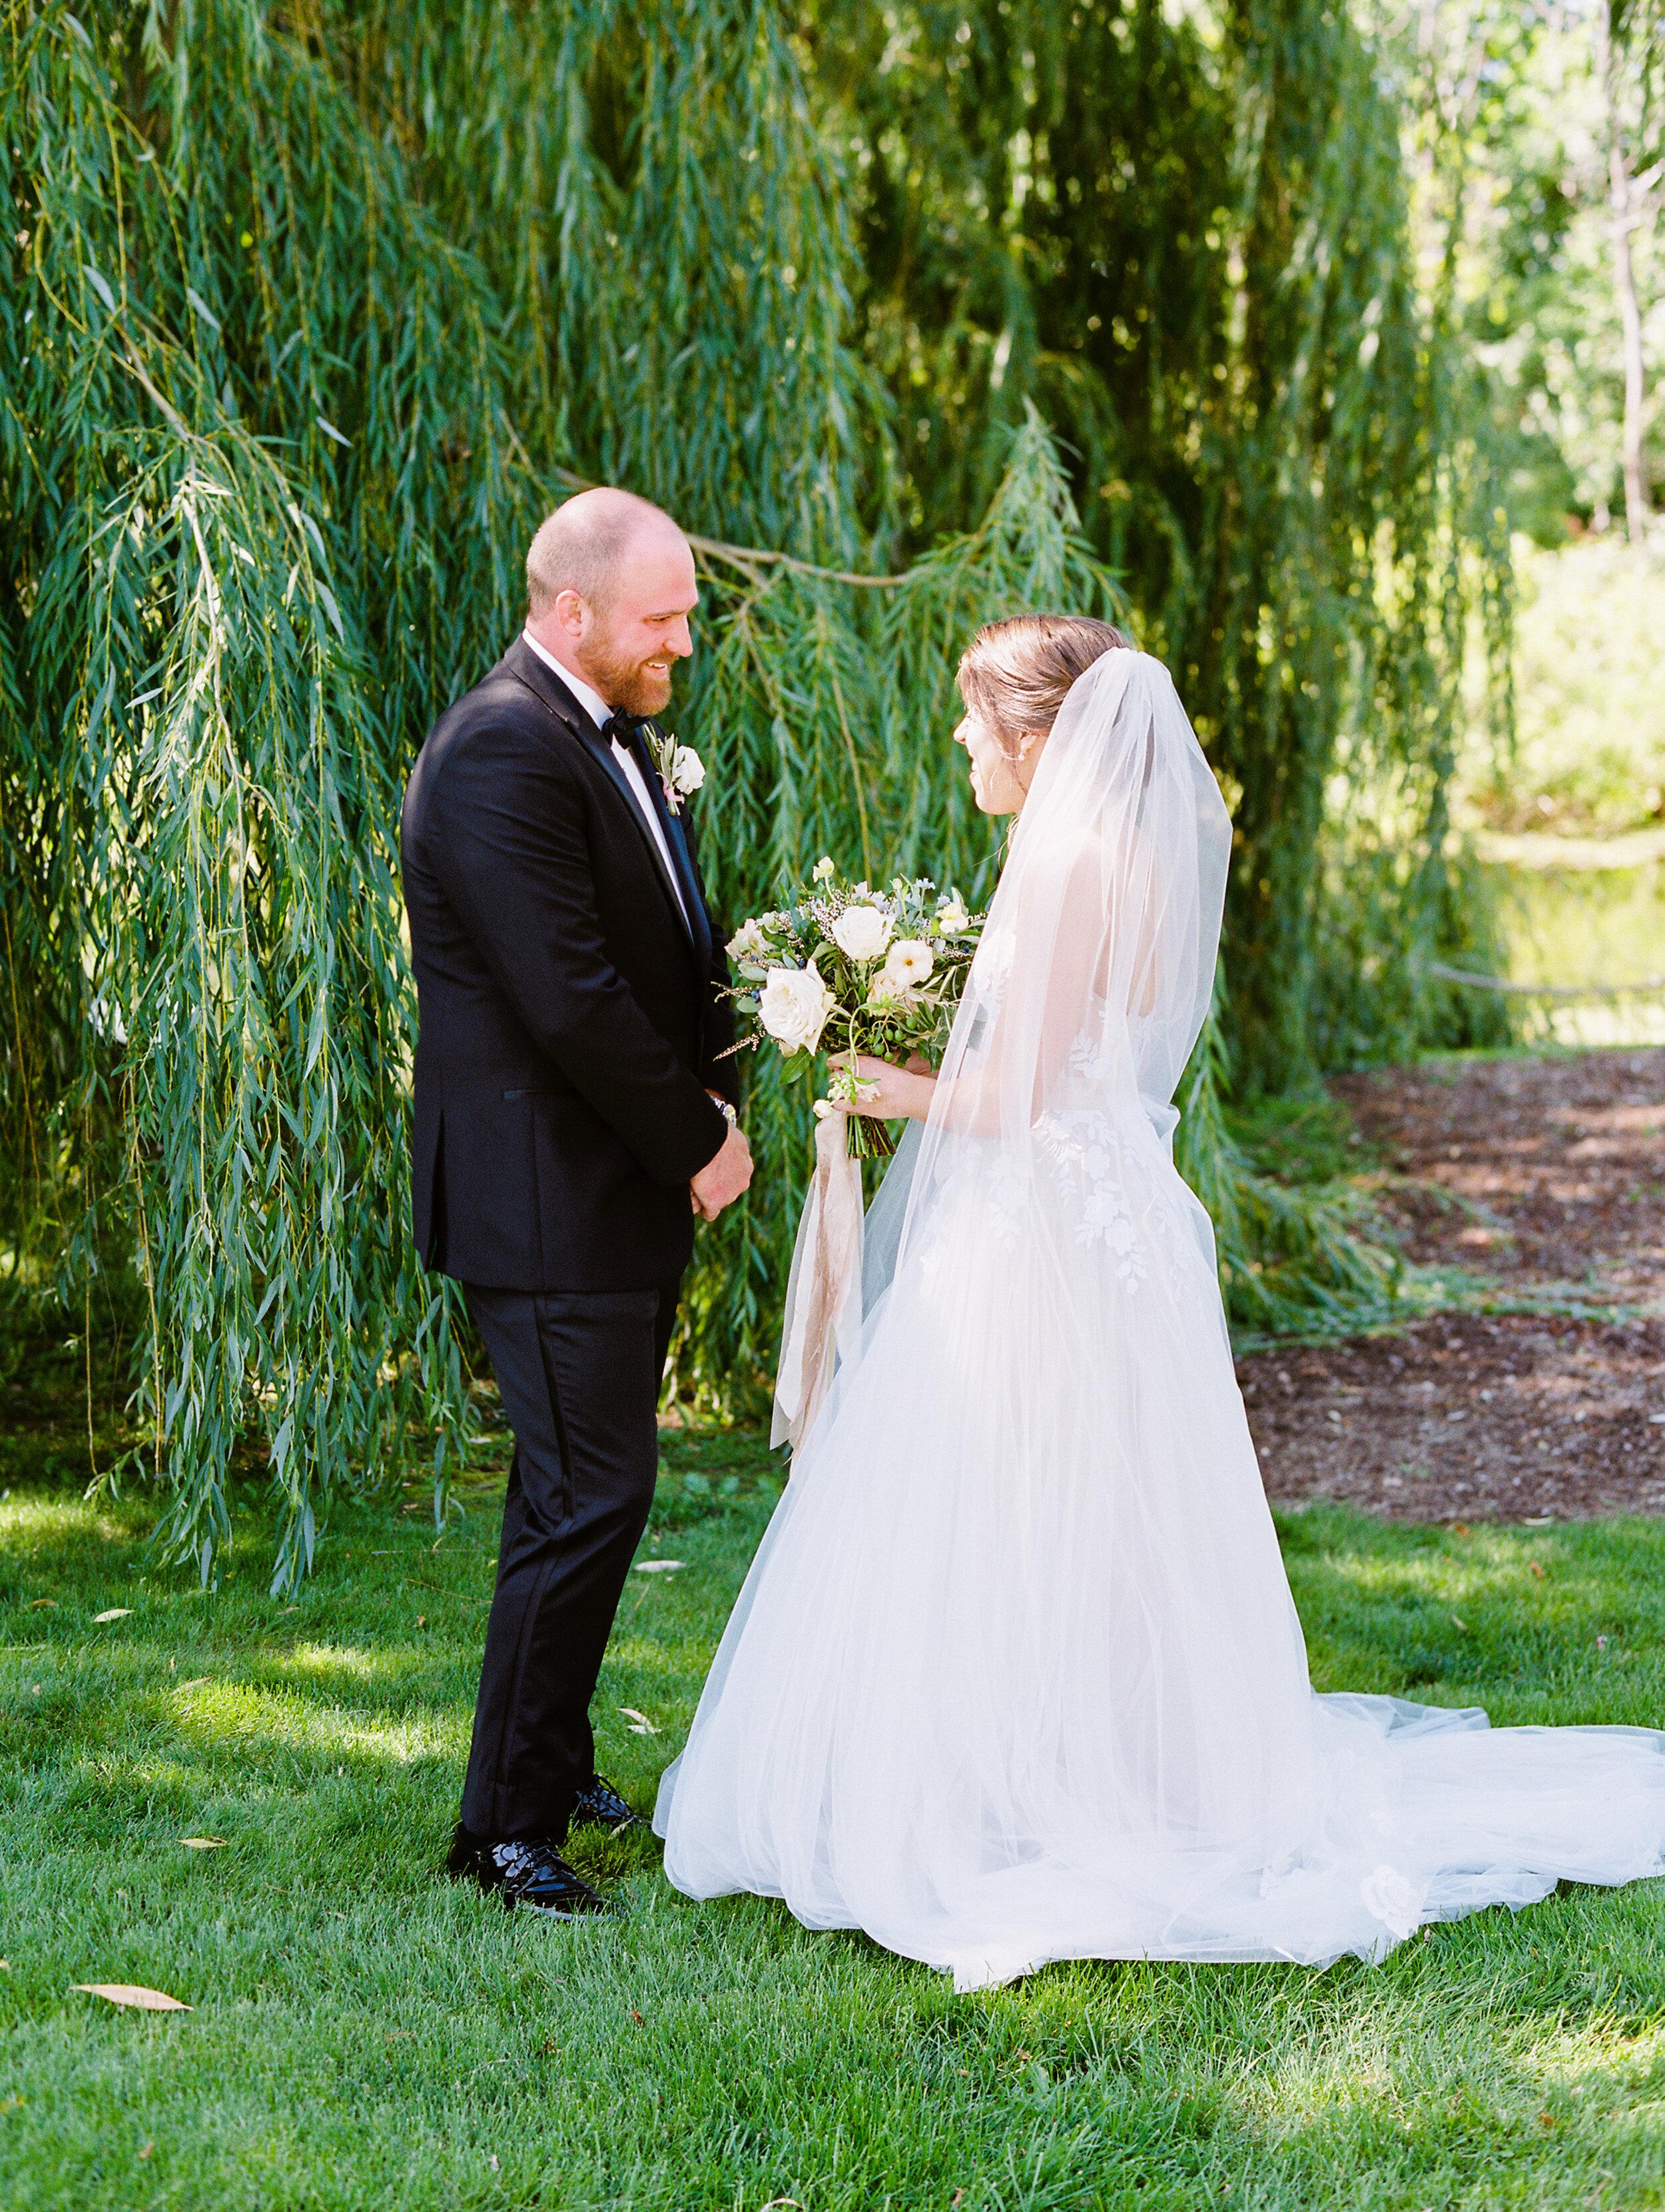 Steinlage+Wedding+First+Look-7.jpg